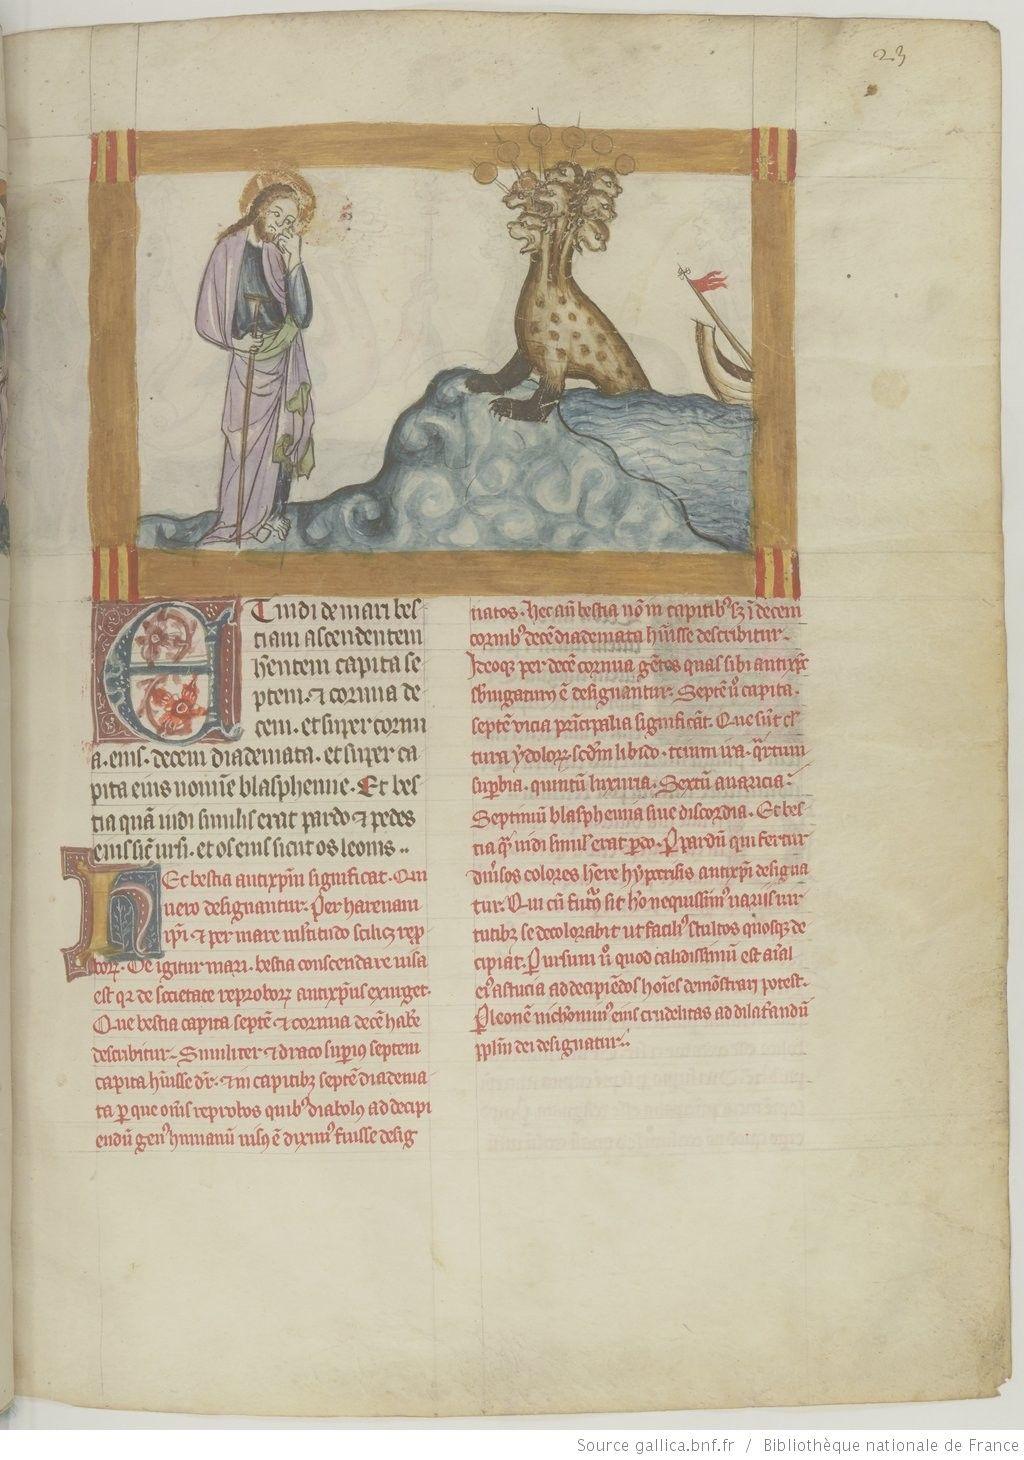 vue 51 - folio 23r